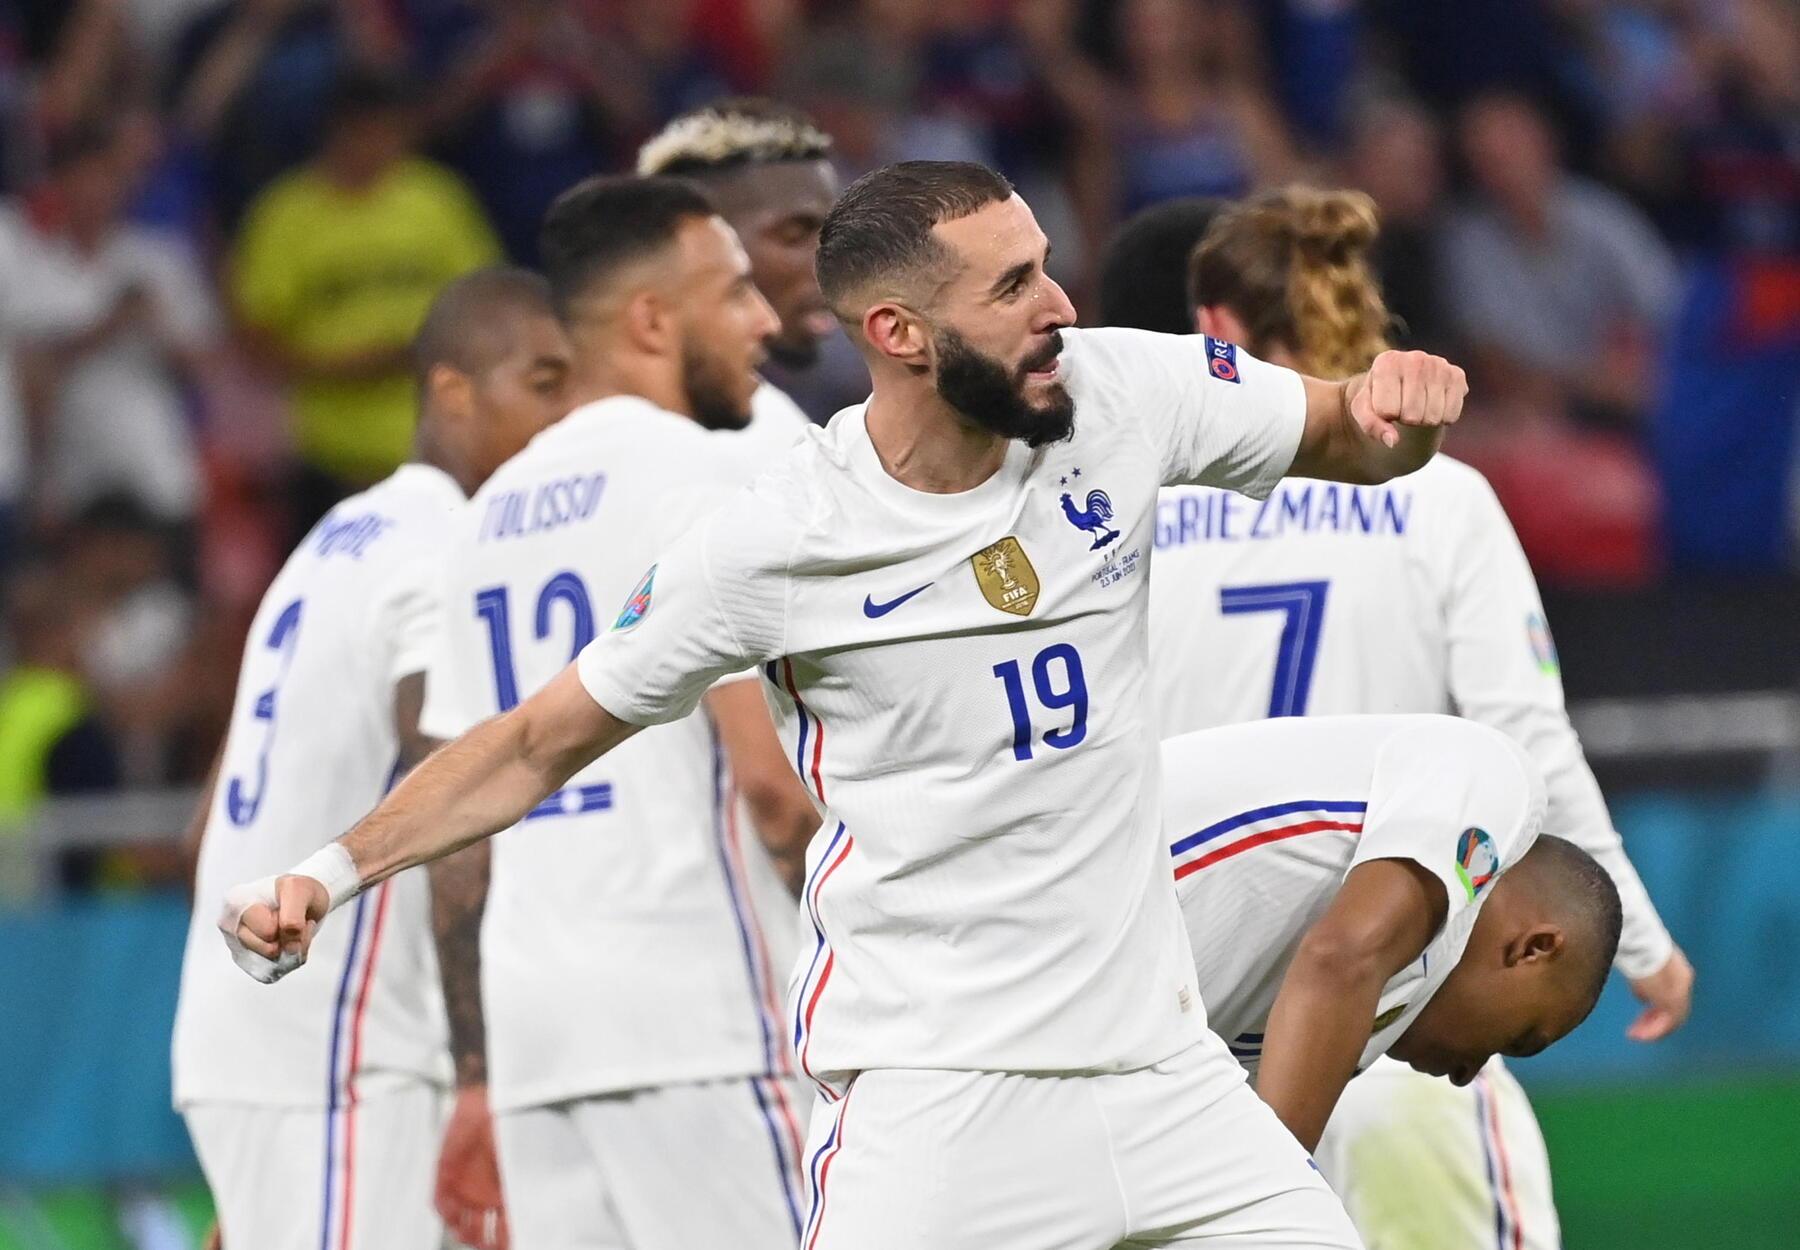 euro-2021,-risultati-e-classifica-del-girone-f:-francia-prima,-la-germania-si-salva-nel-finale!